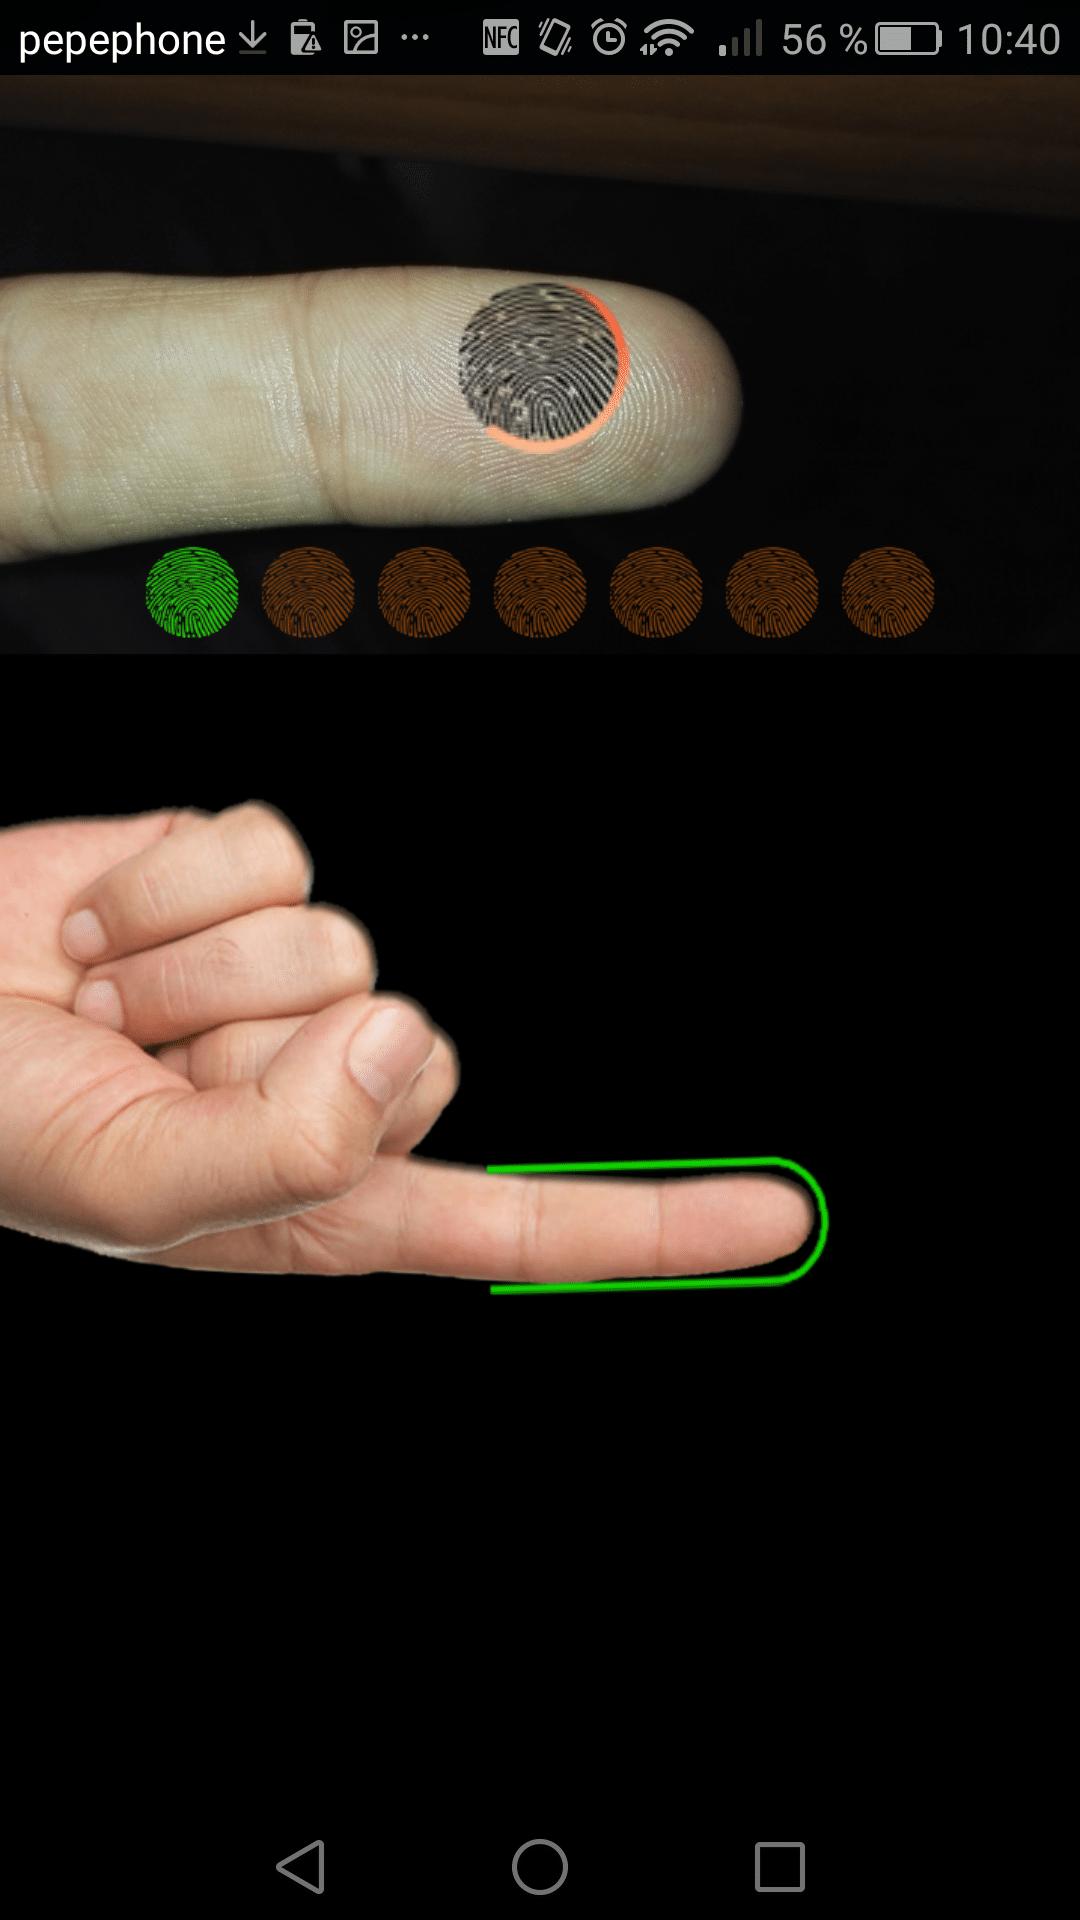 Lector de huellas dactilares Android